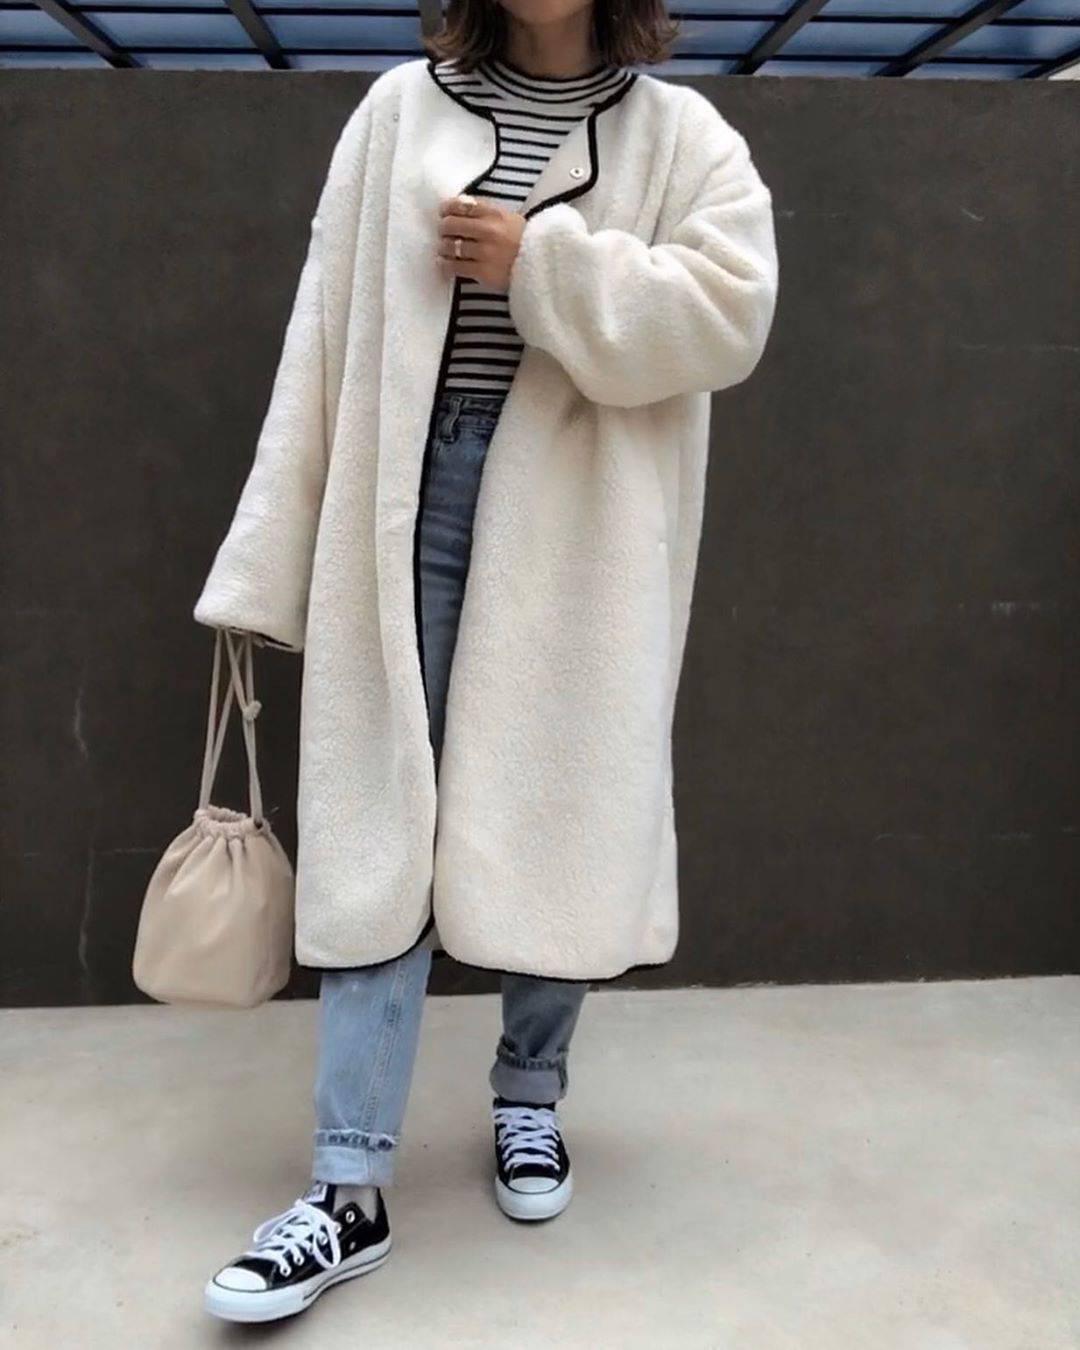 最高気温11度・最低気温3度 a8d4c4の服装